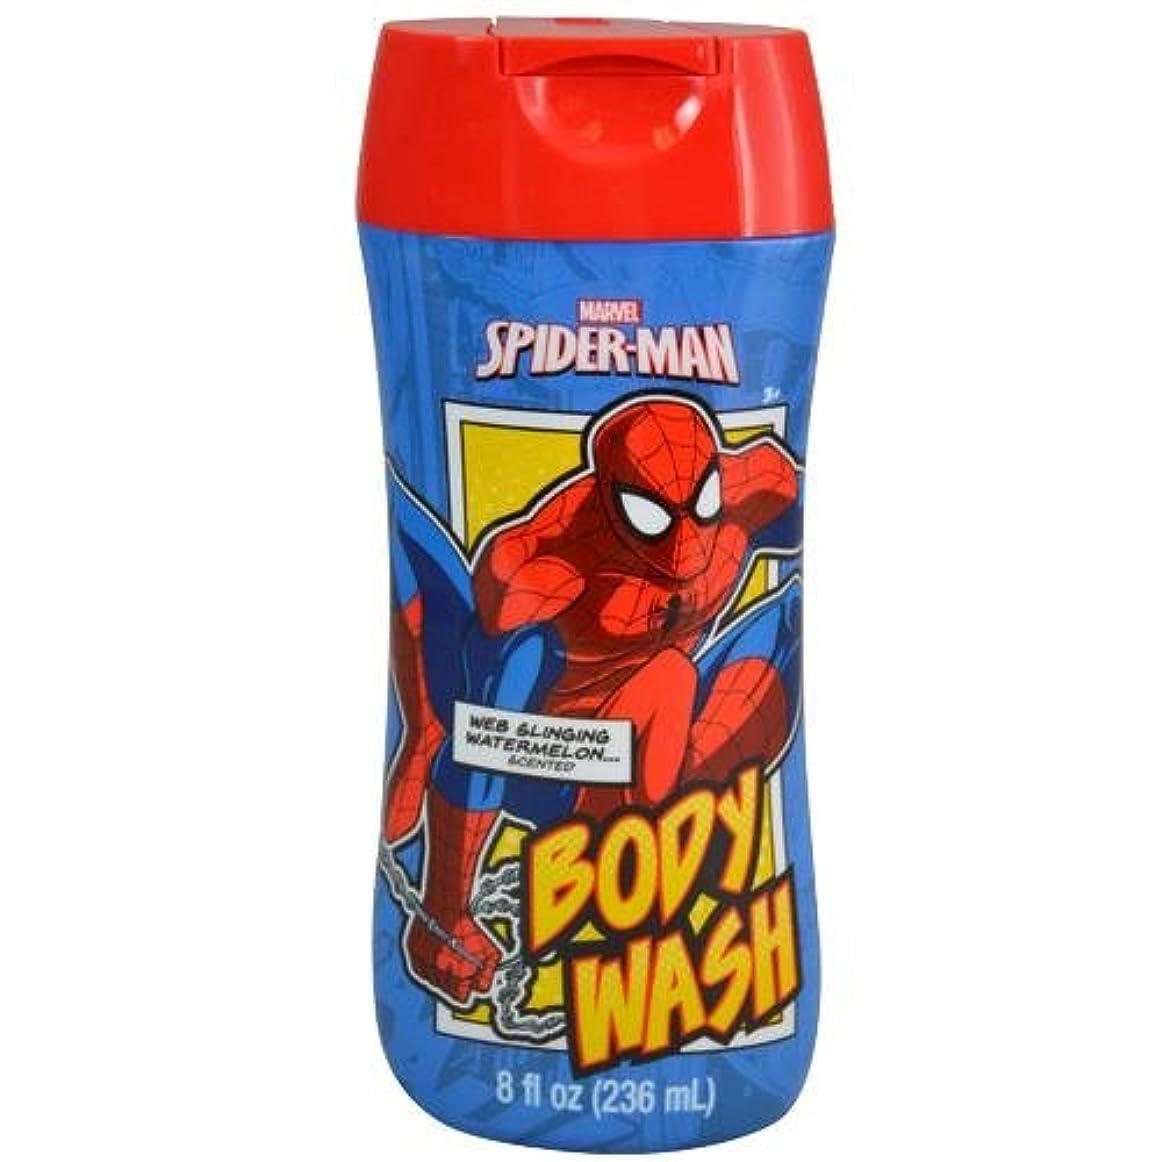 コーン襟チューブスパイダーマン SPIDER-MAN ボディーソープ 12185 MARVEL お風呂 ボディ ソープ 子供用 キッズ ボディソープ MARVEL ボディウォッシュ マーベル ボディーウォッシュ【即日?翌日発送】